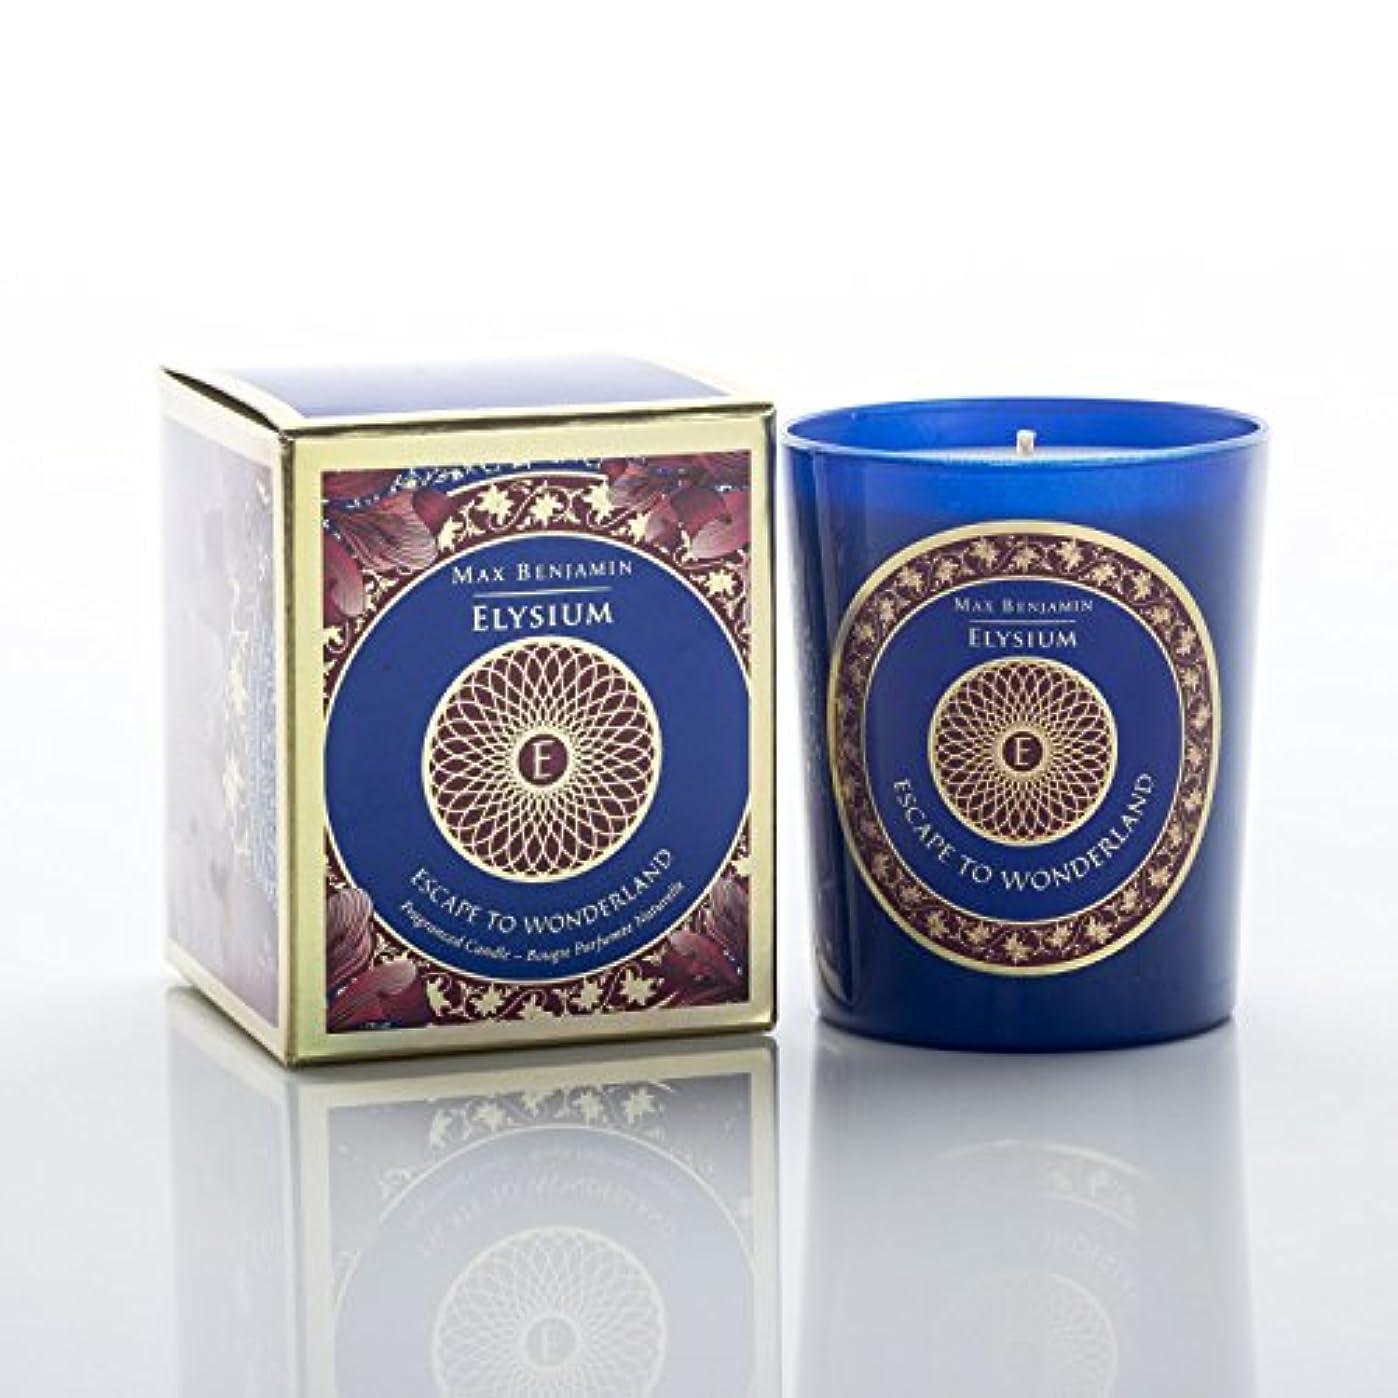 してはいけません耐えられる気を散らすMax Benjamin Elysium Candle香りつき190 gガラスJar MB-EC3